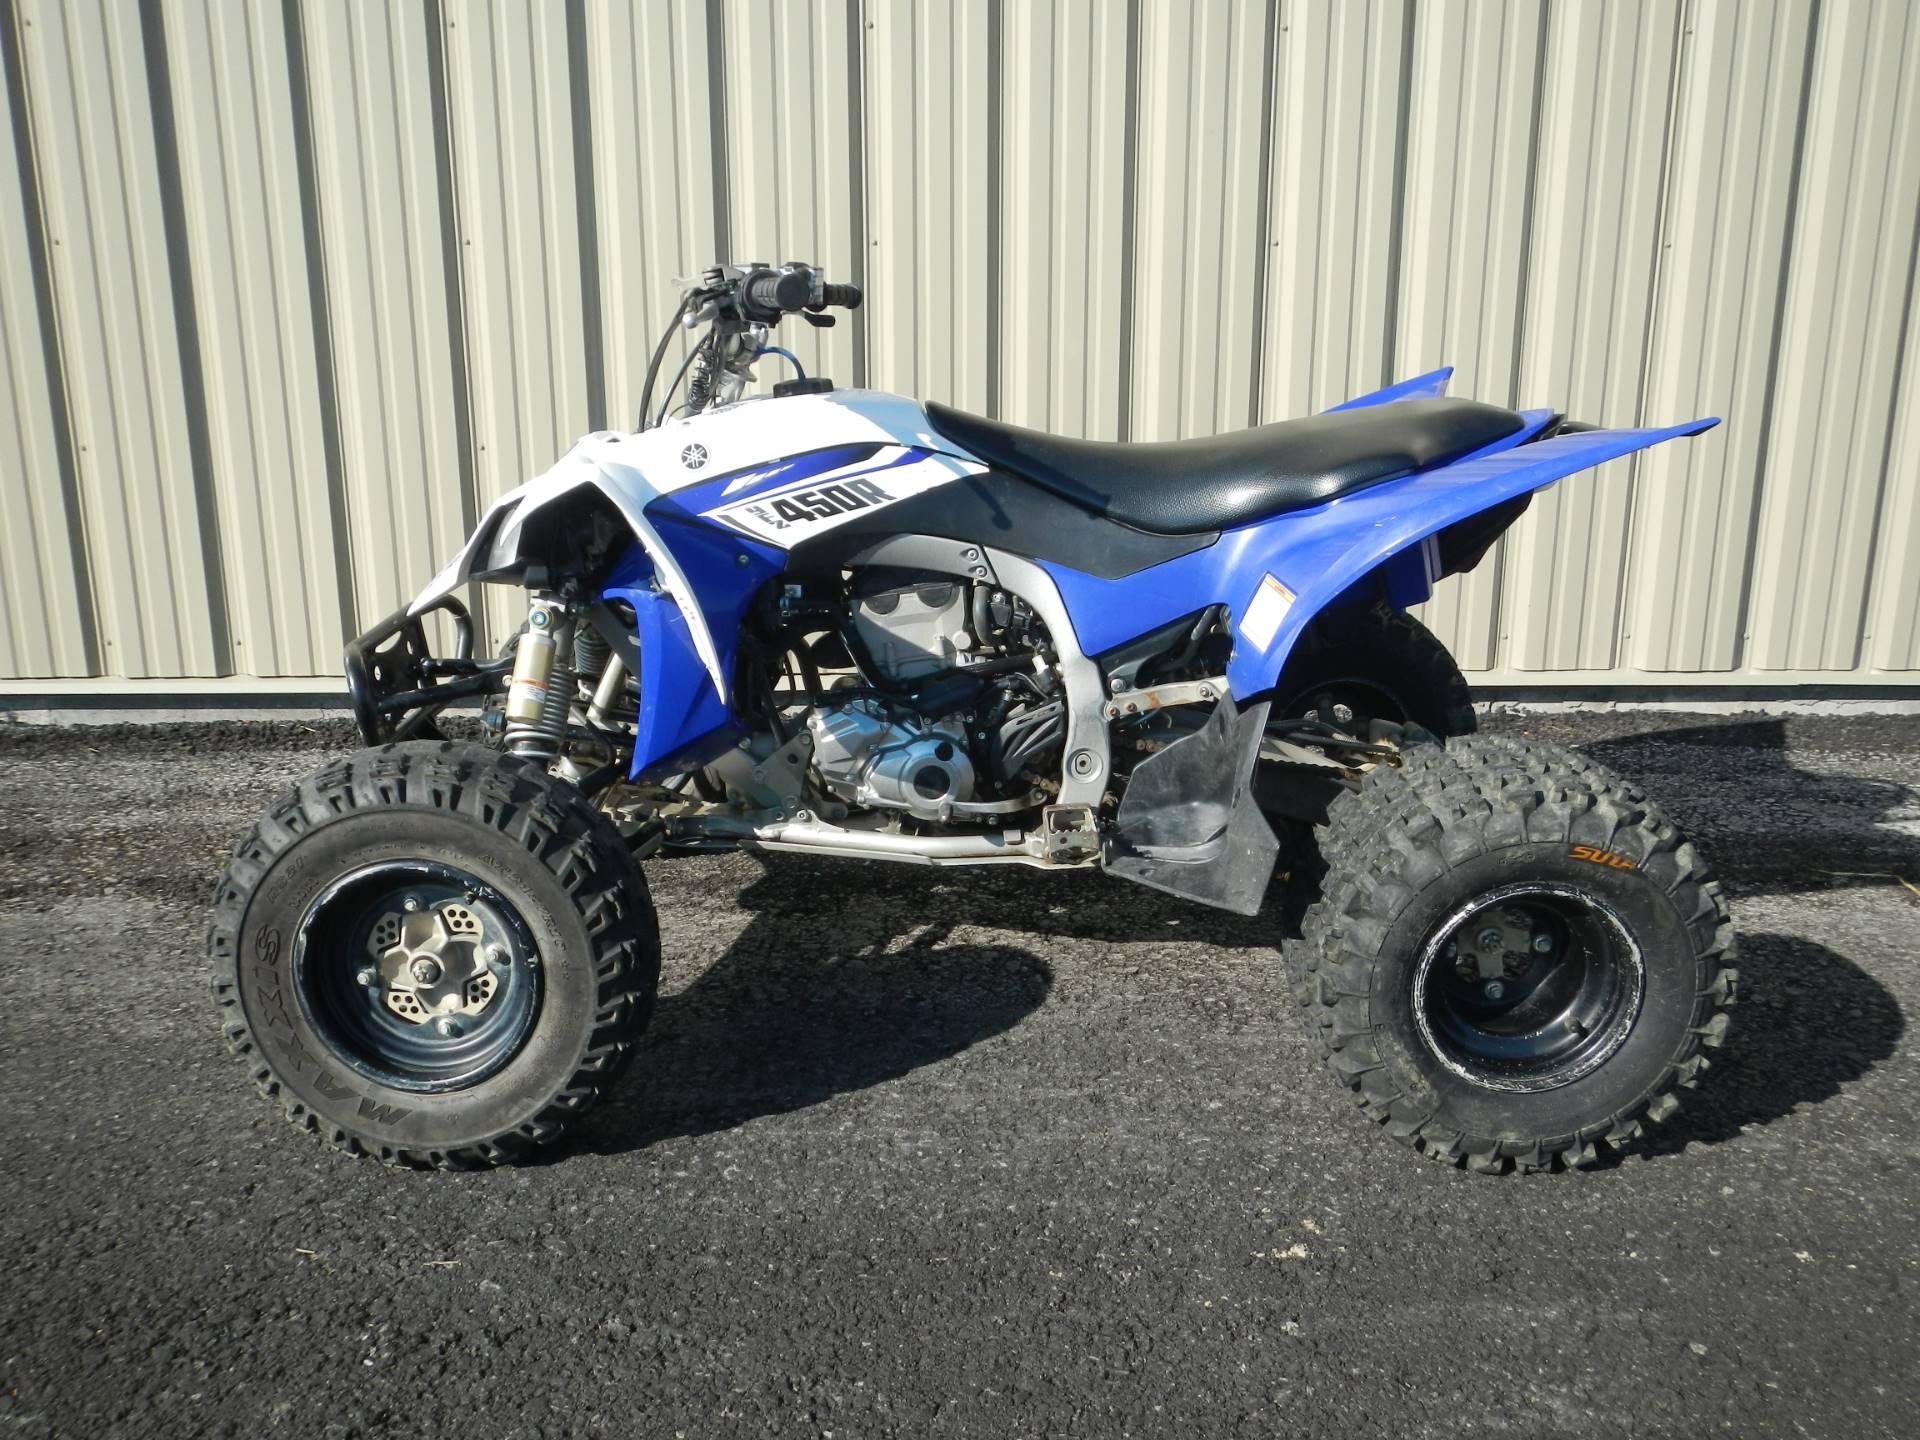 2014 Yamaha YFZ450R 4